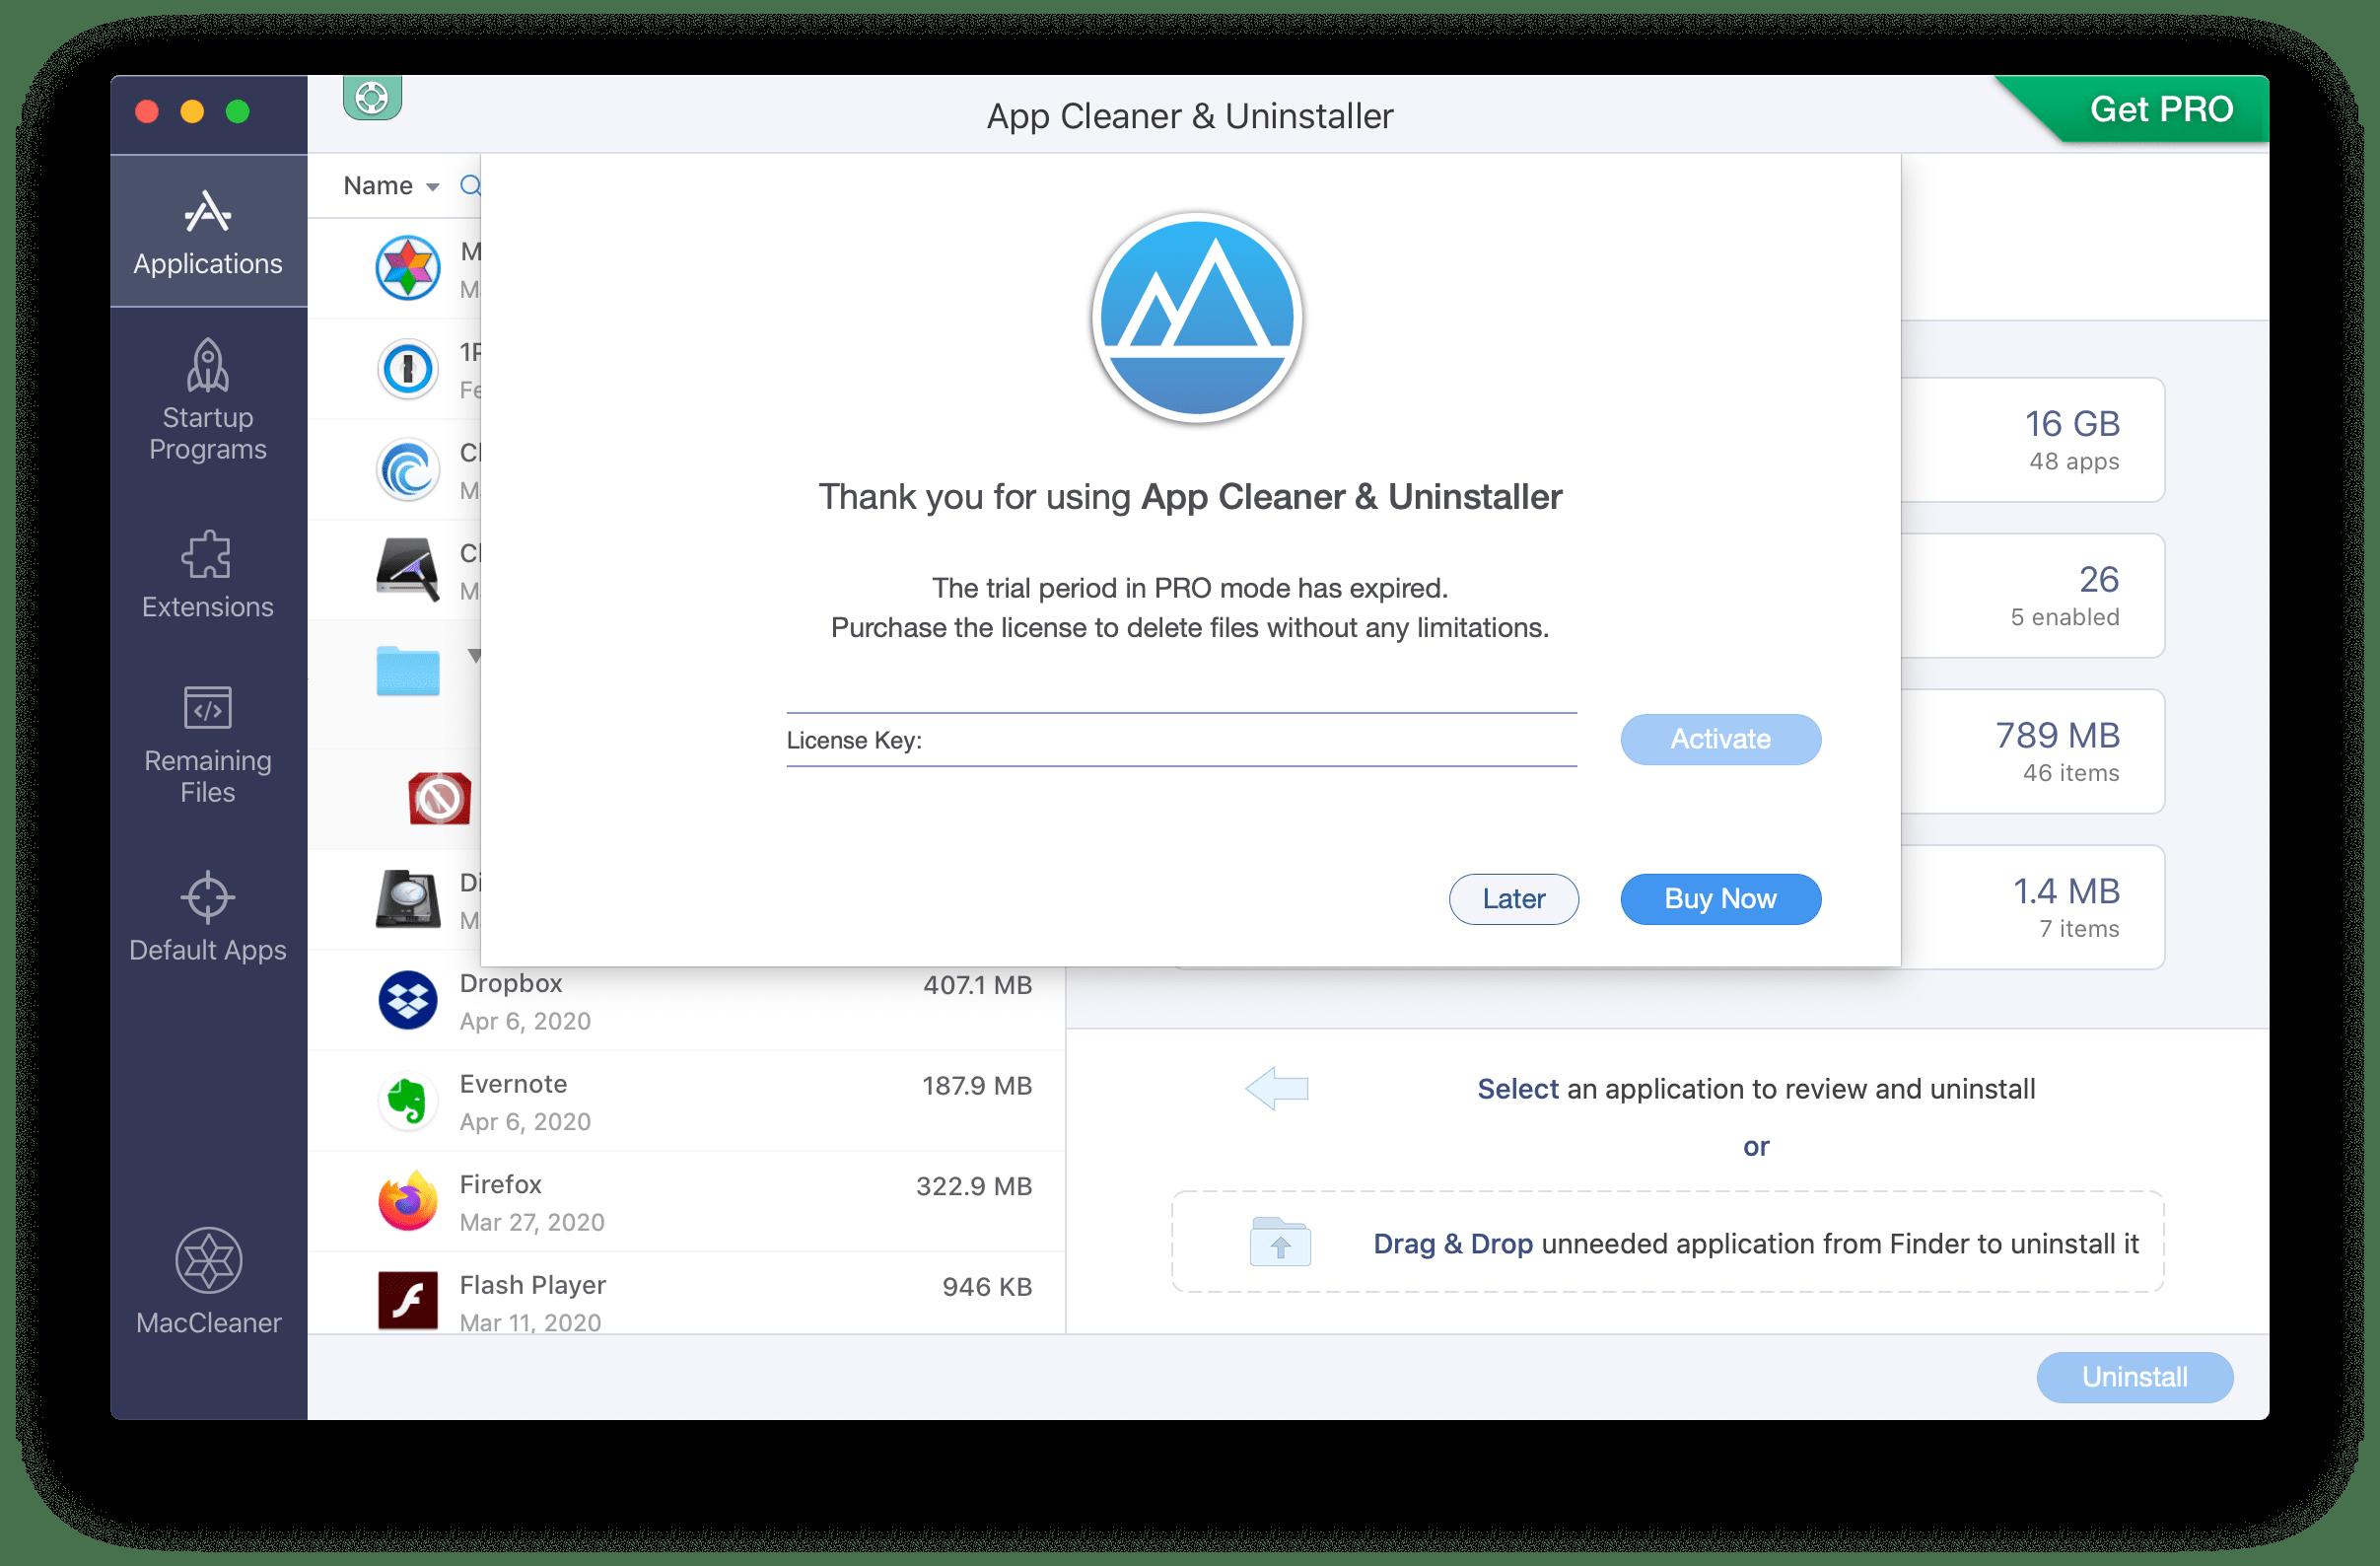 license key field in App Cleaner Uninstaller